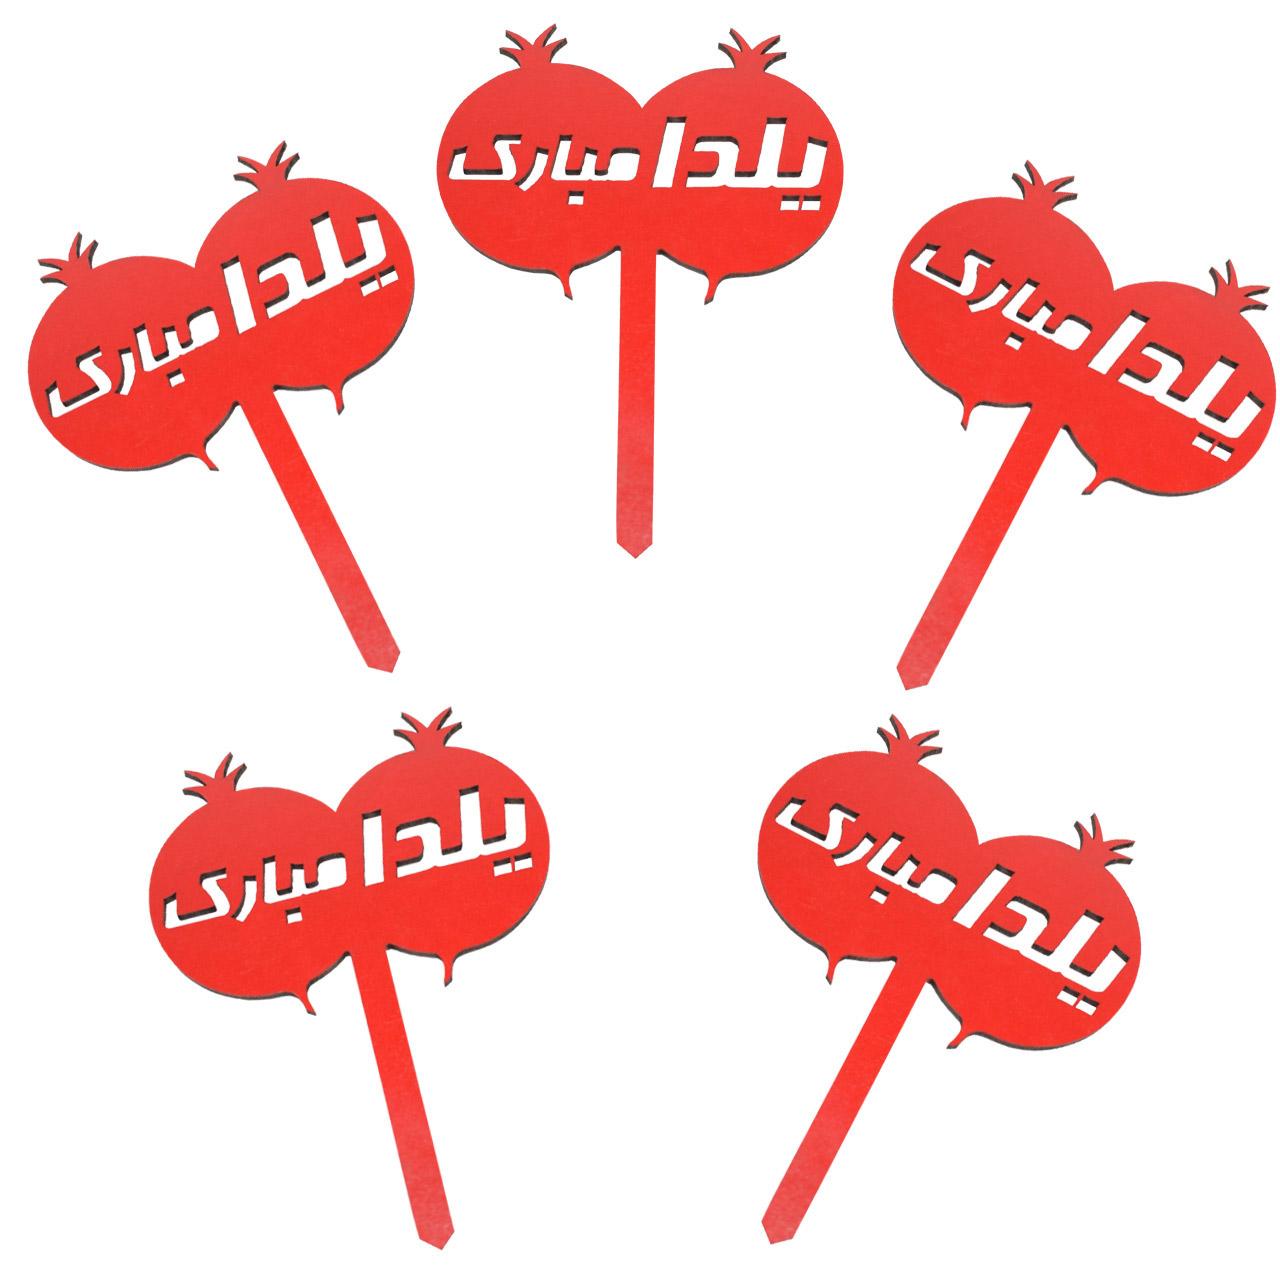 عکس تاپر طرح یلدا مبارک مدل انار 2 بسته 5 عددی